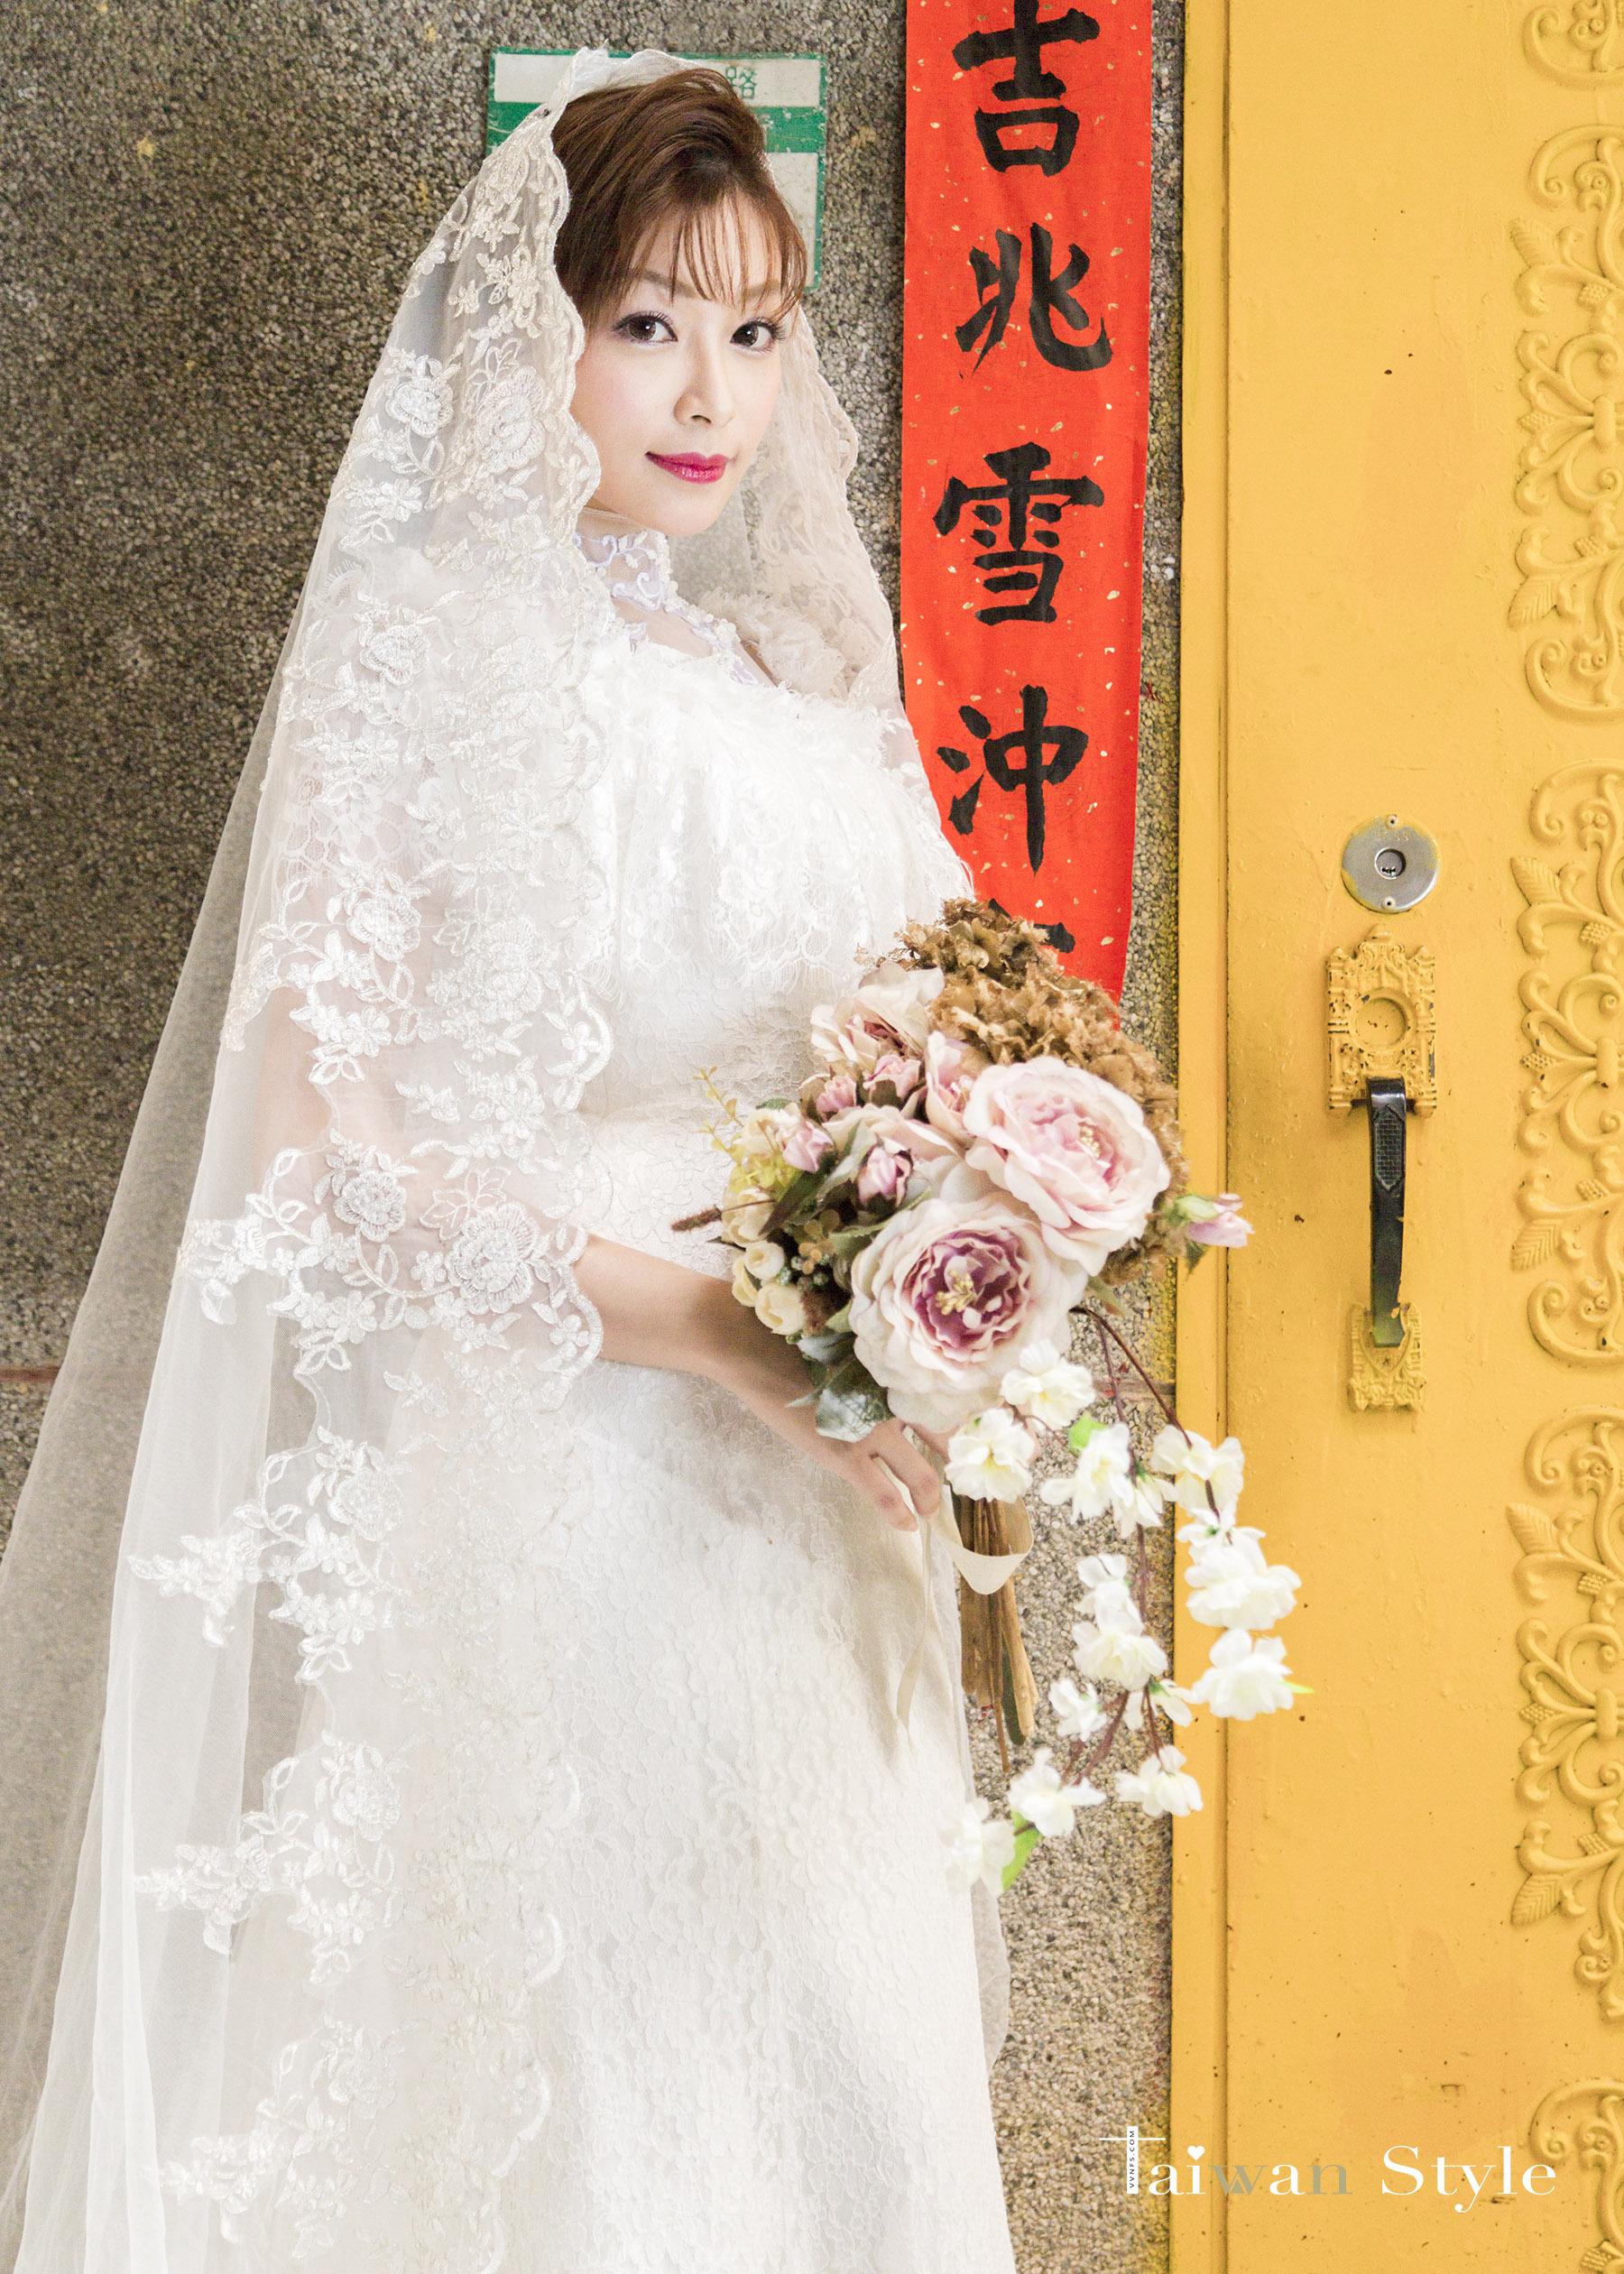 看見台灣百年婚紗之美-1980媽媽時代-新娘物語 x VVNFS方美玉台南新秘4